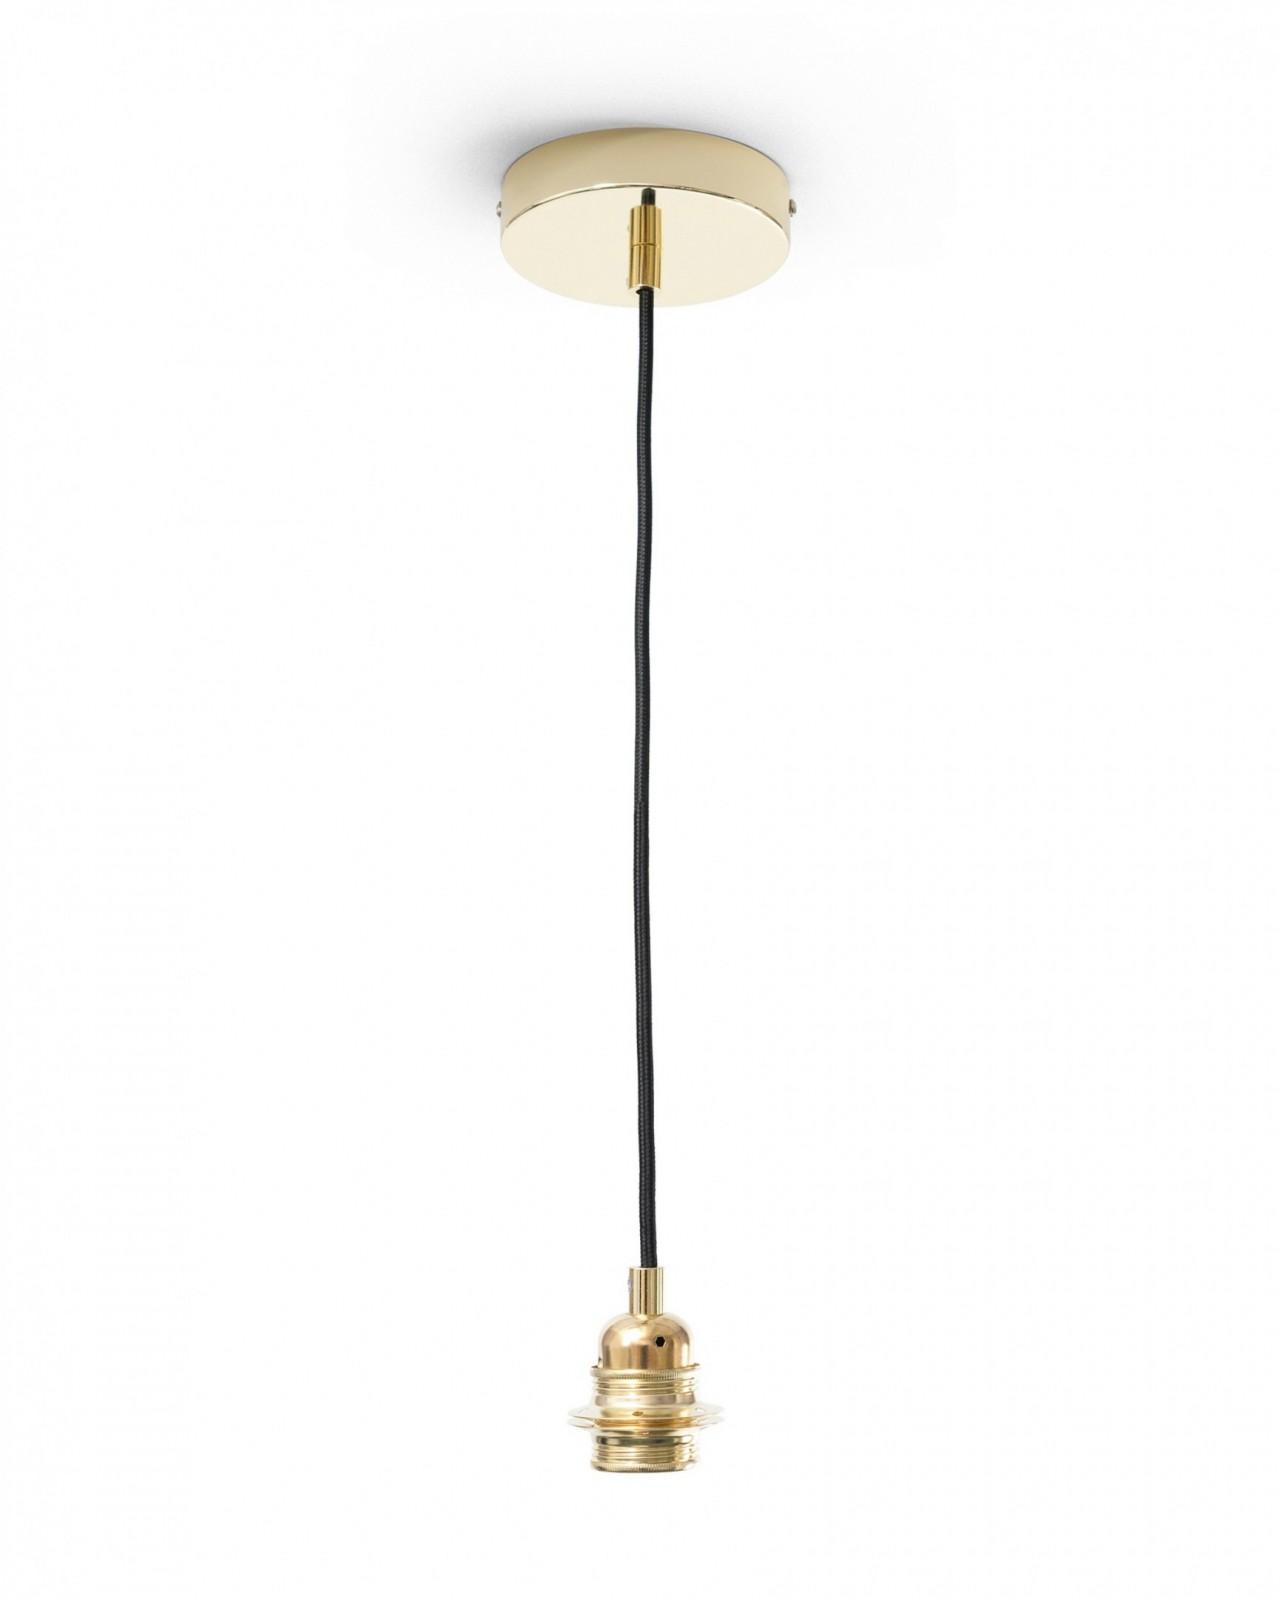 AQUAFLEUR Anthracite Pendant Lamp